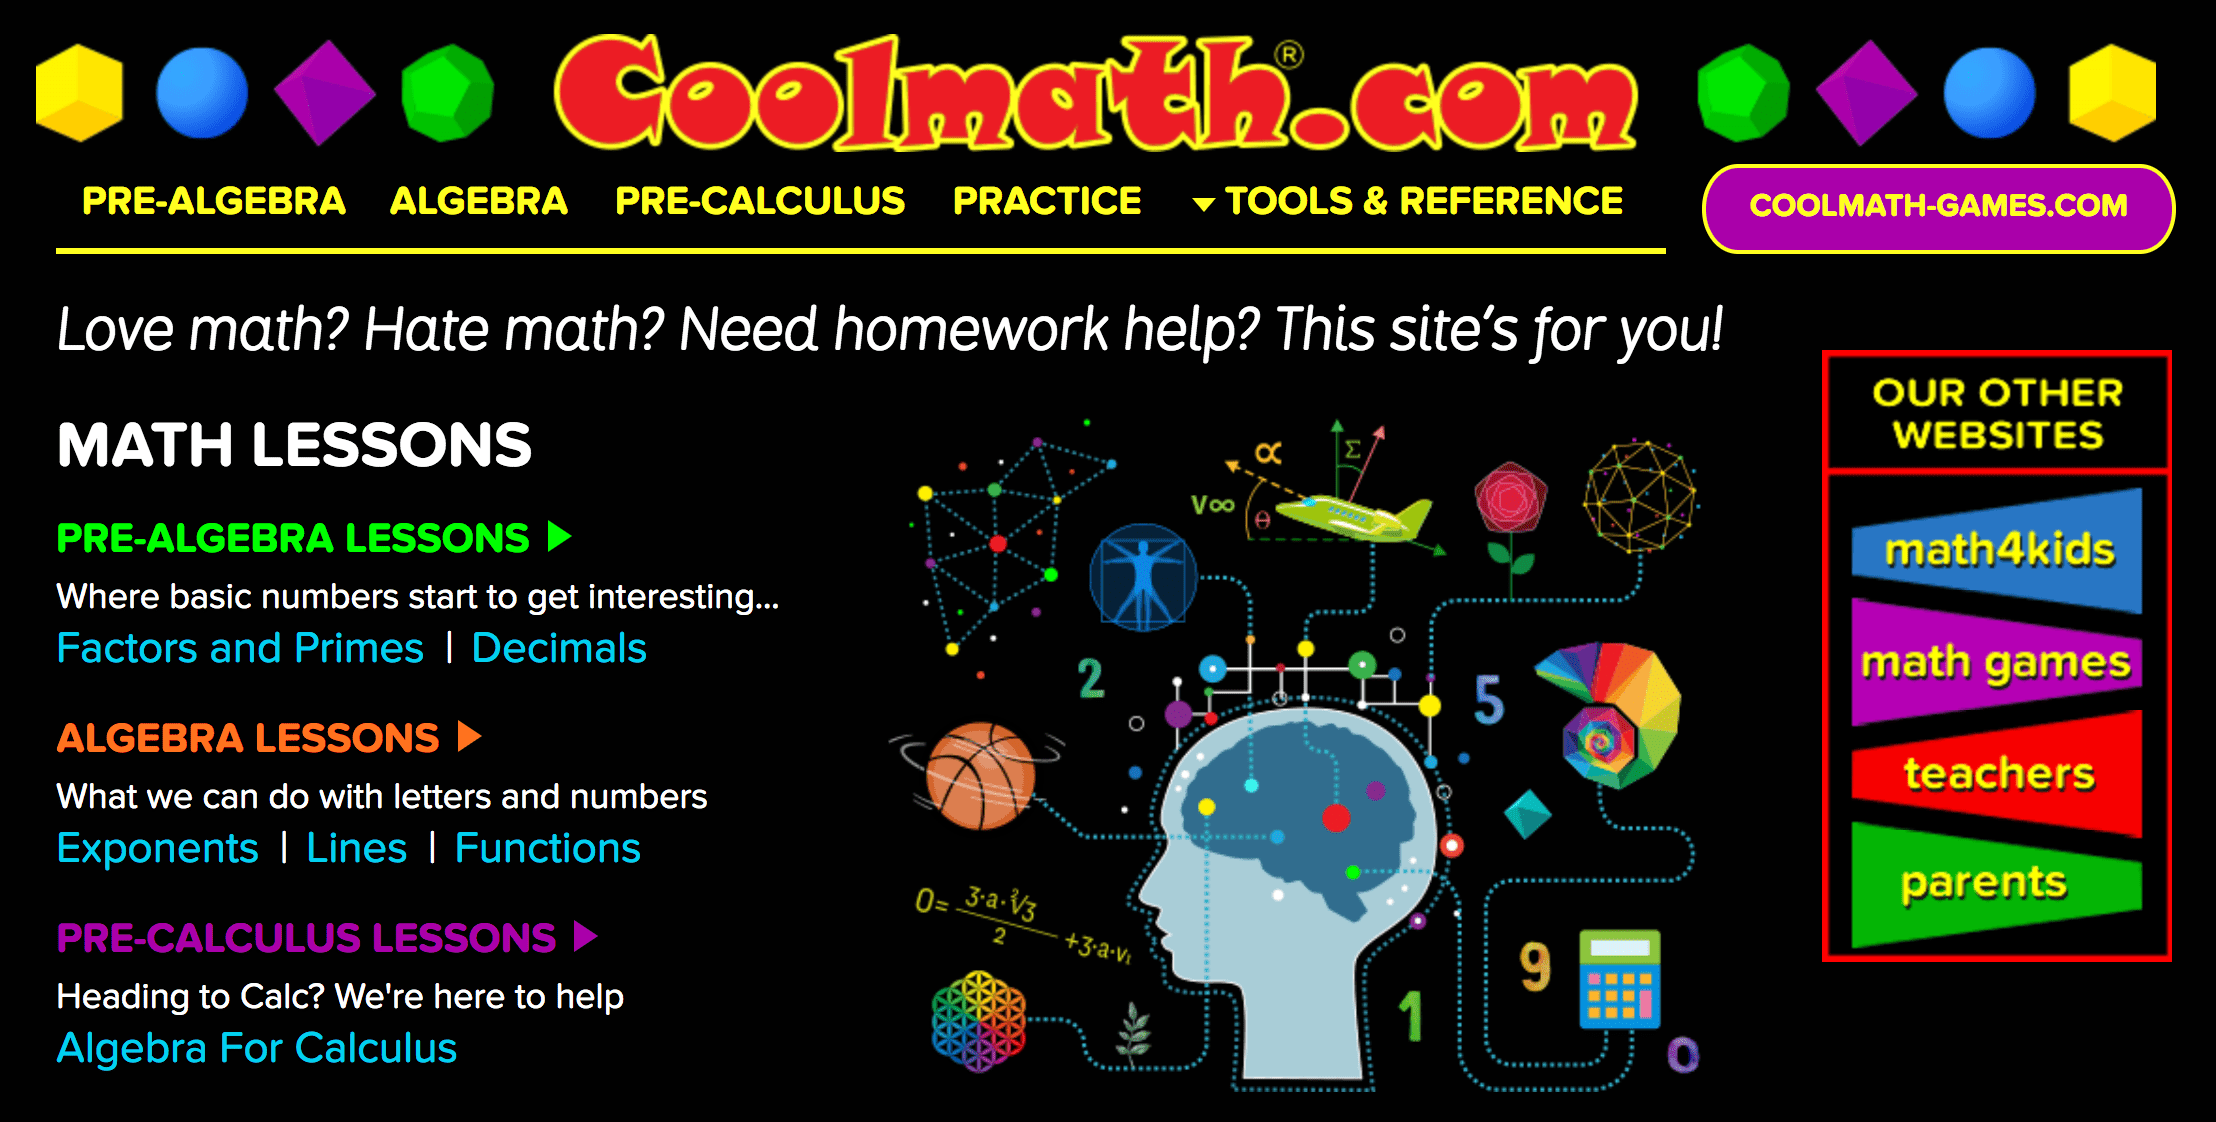 Coolmath homepage.